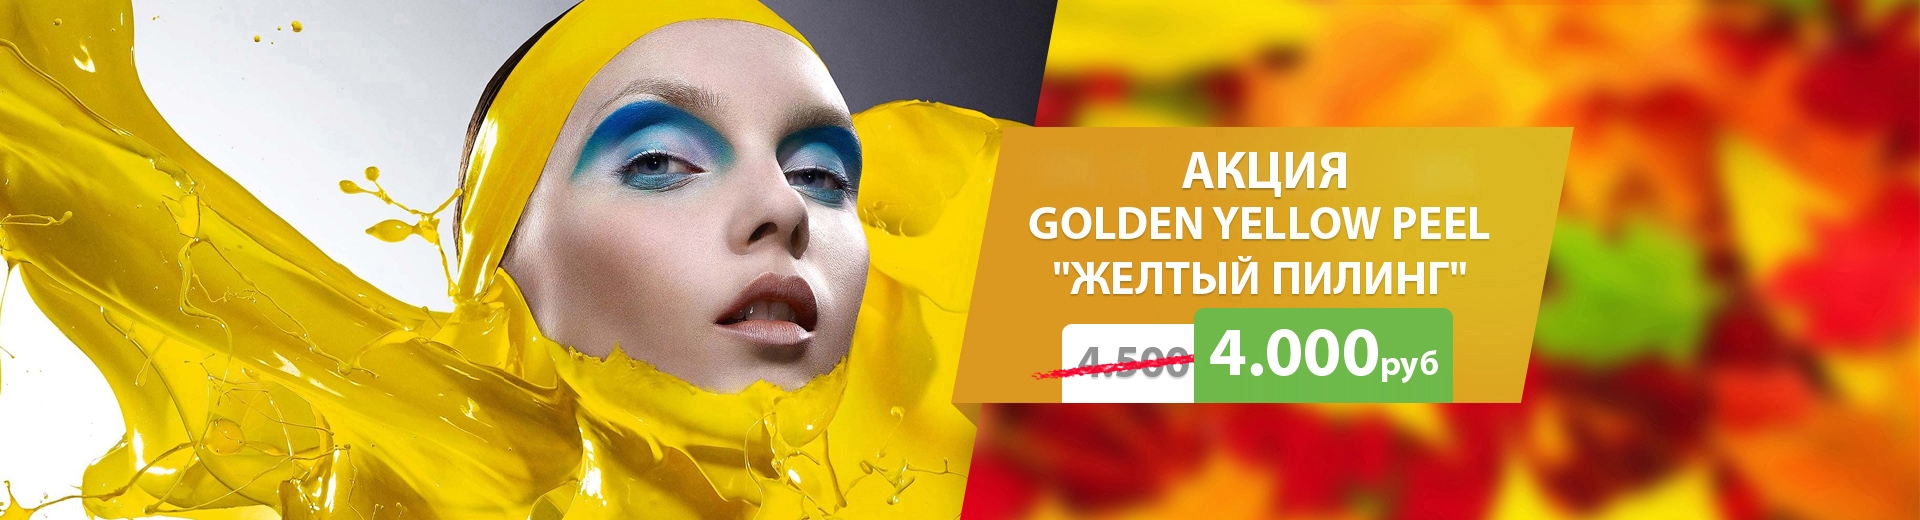 """Golden yellow peel """"Желтый пилинг"""" со скидкой"""